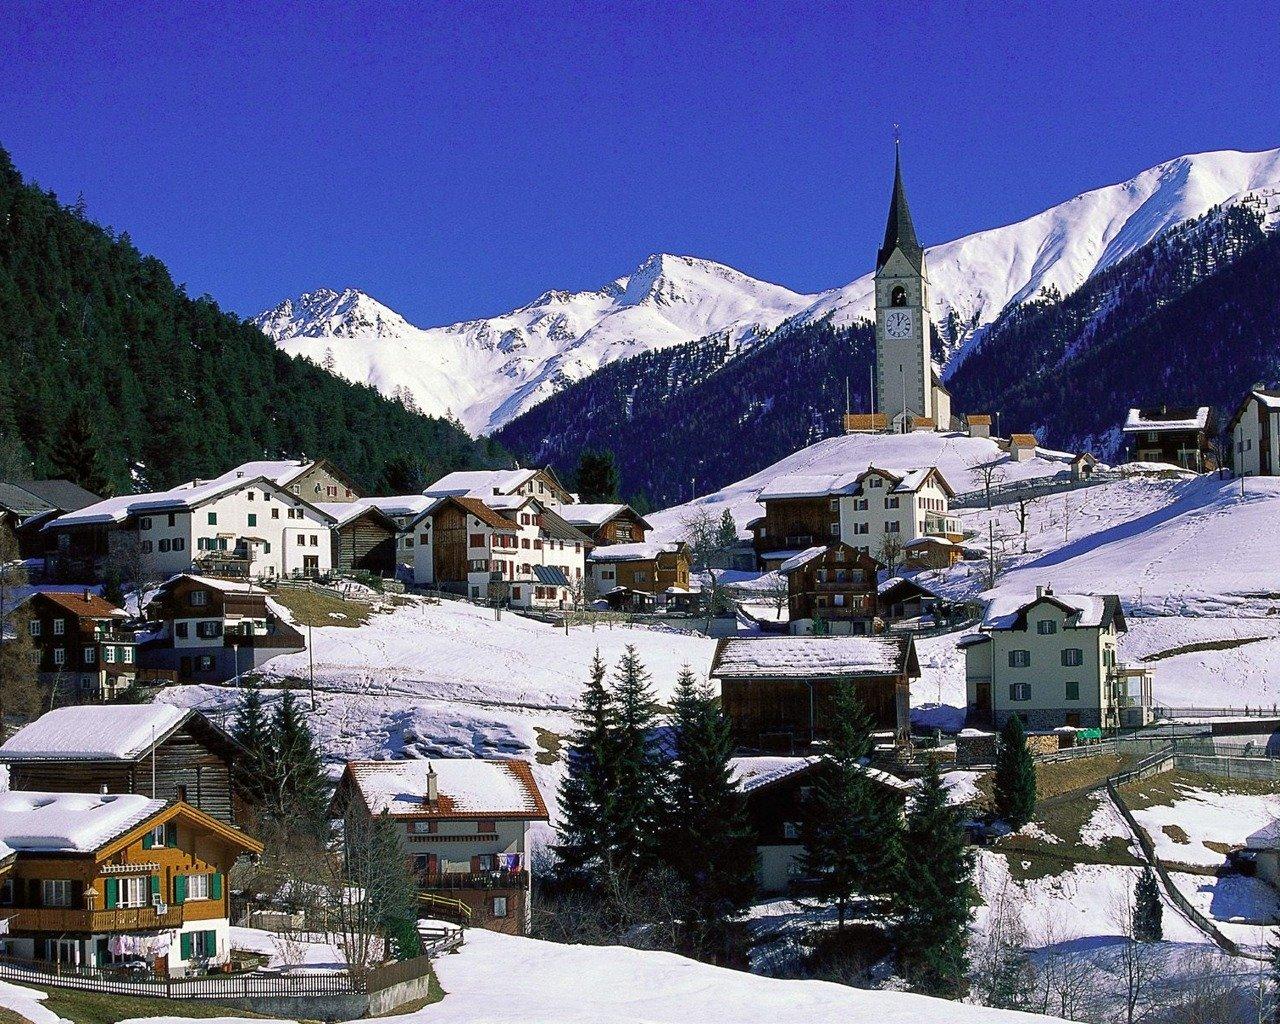 швейцария зима